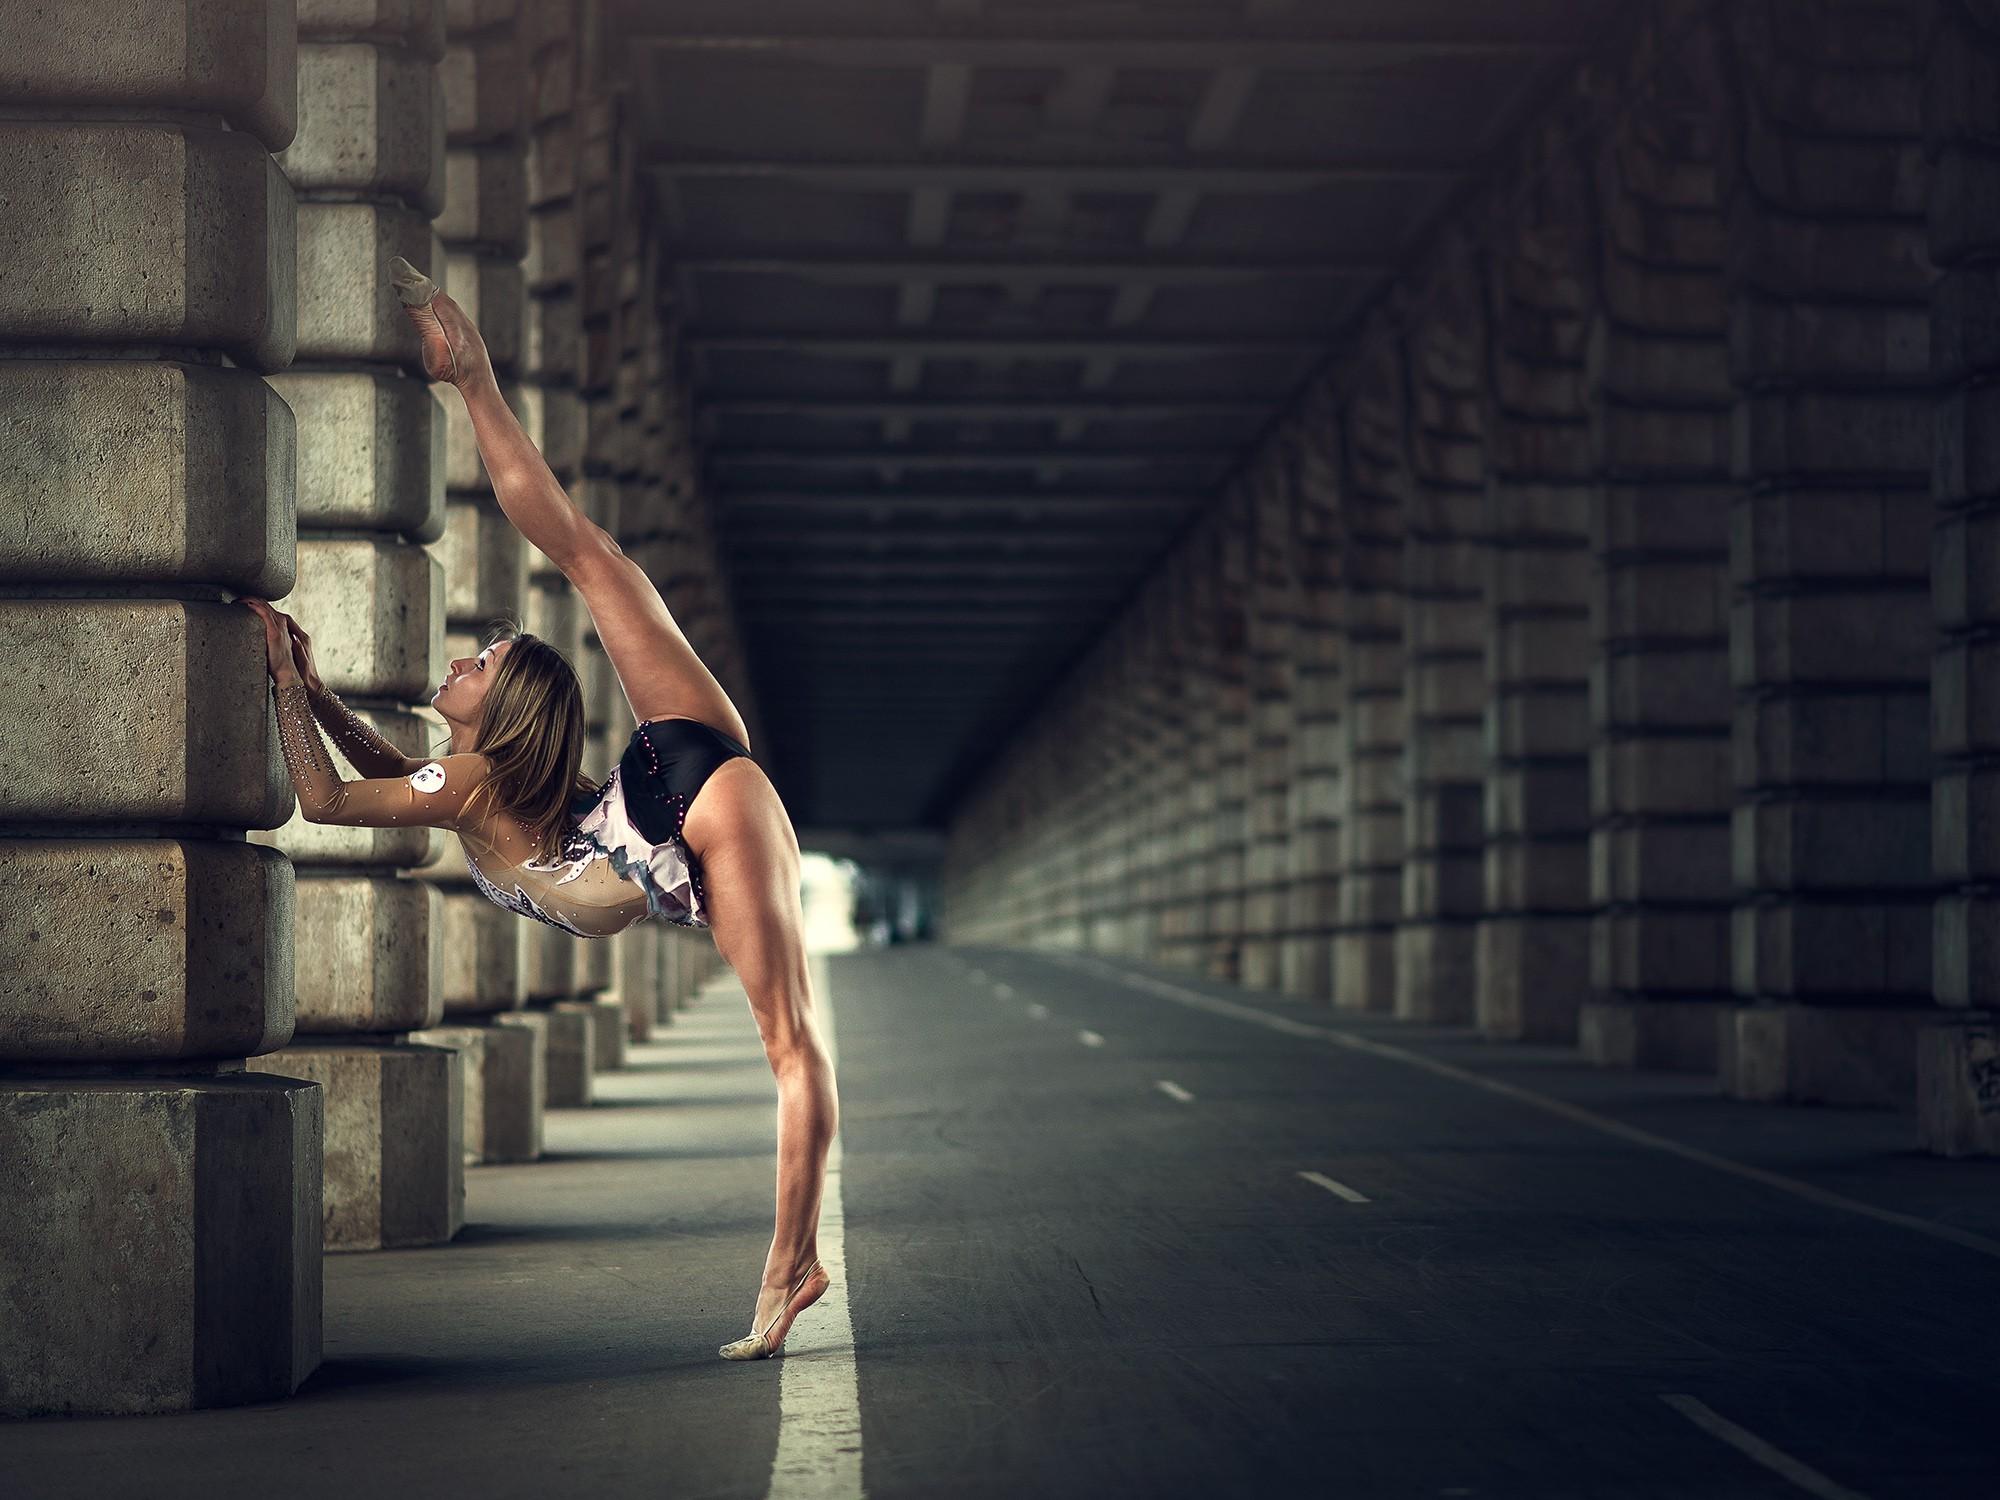 множество раз креативные фото спортсменок находится центре города